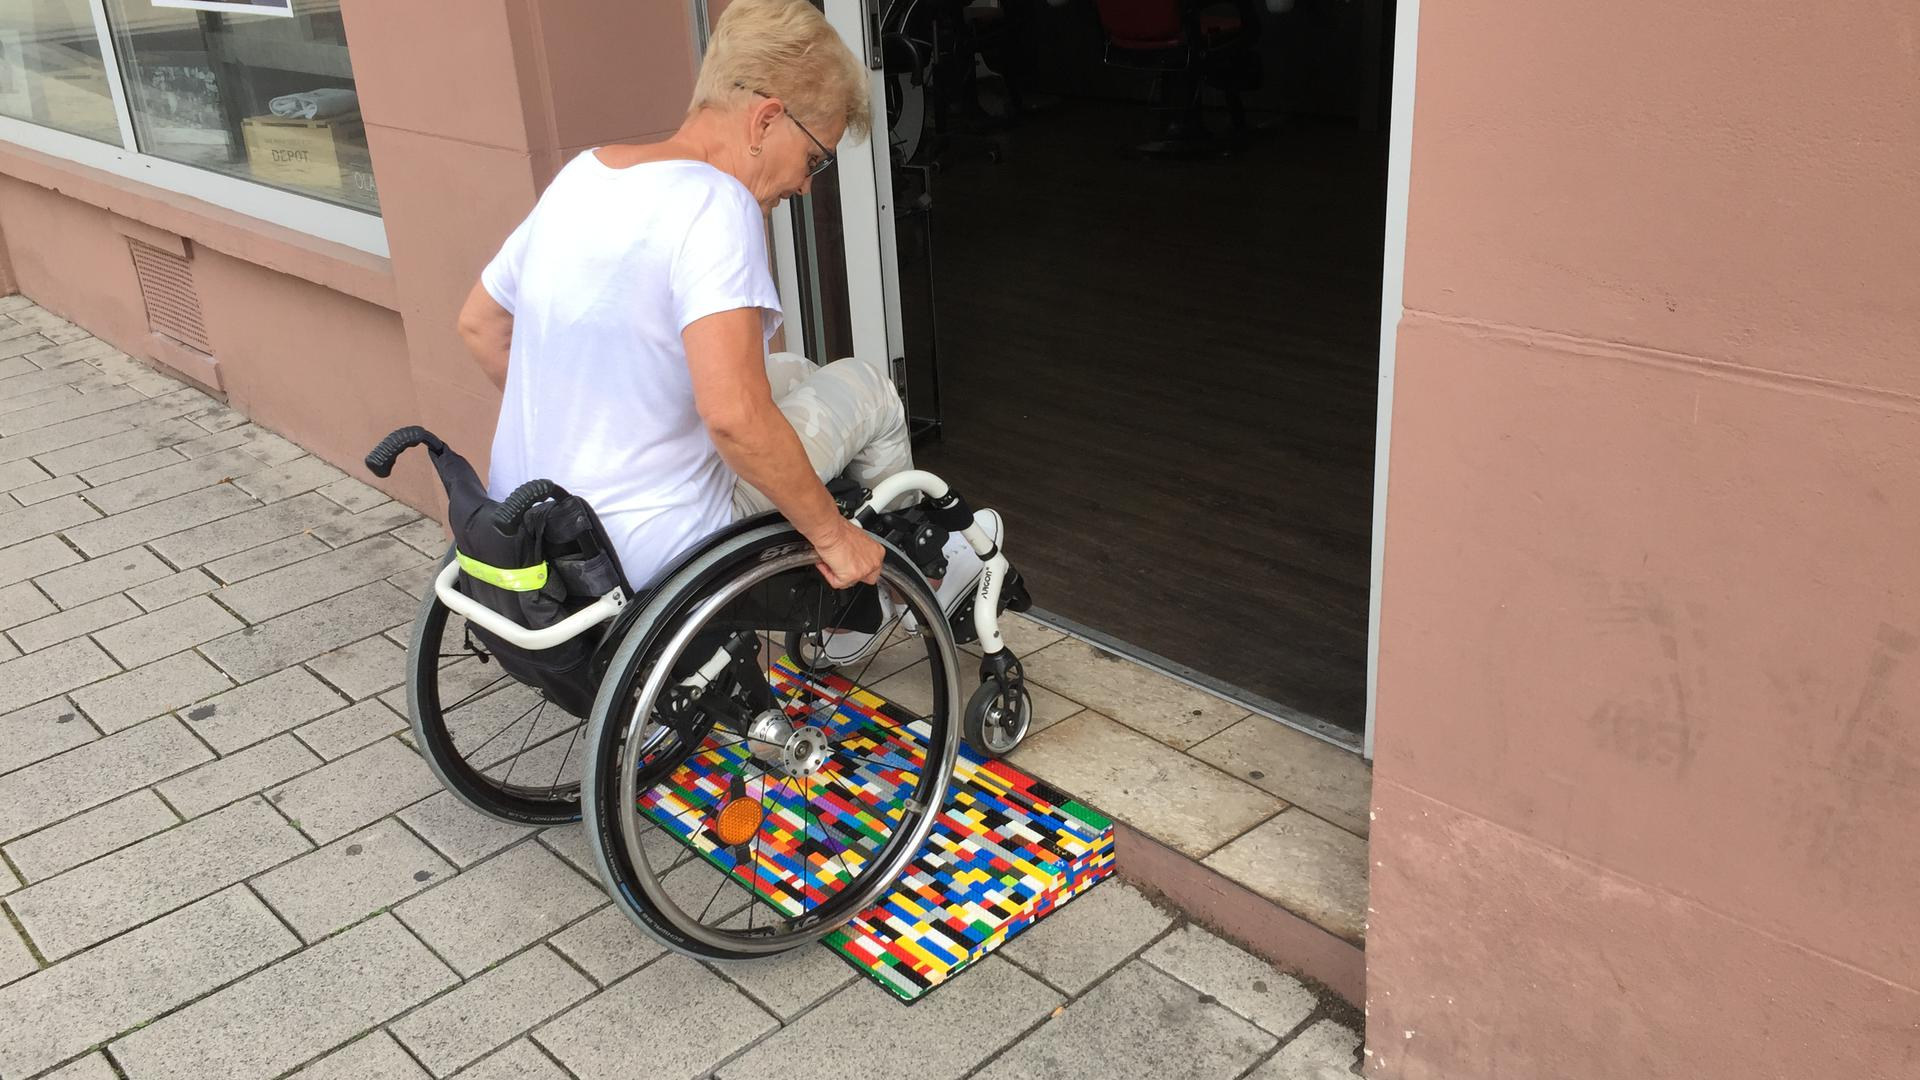 Was sich auf den ersten Blick noch außergewöhnlich anhört, funktioniert in der Realität bestens: Kleine mobile Rampen, gefertigt aus Lego-Steinen, erleichtern behinderten Menschen den Alltag.